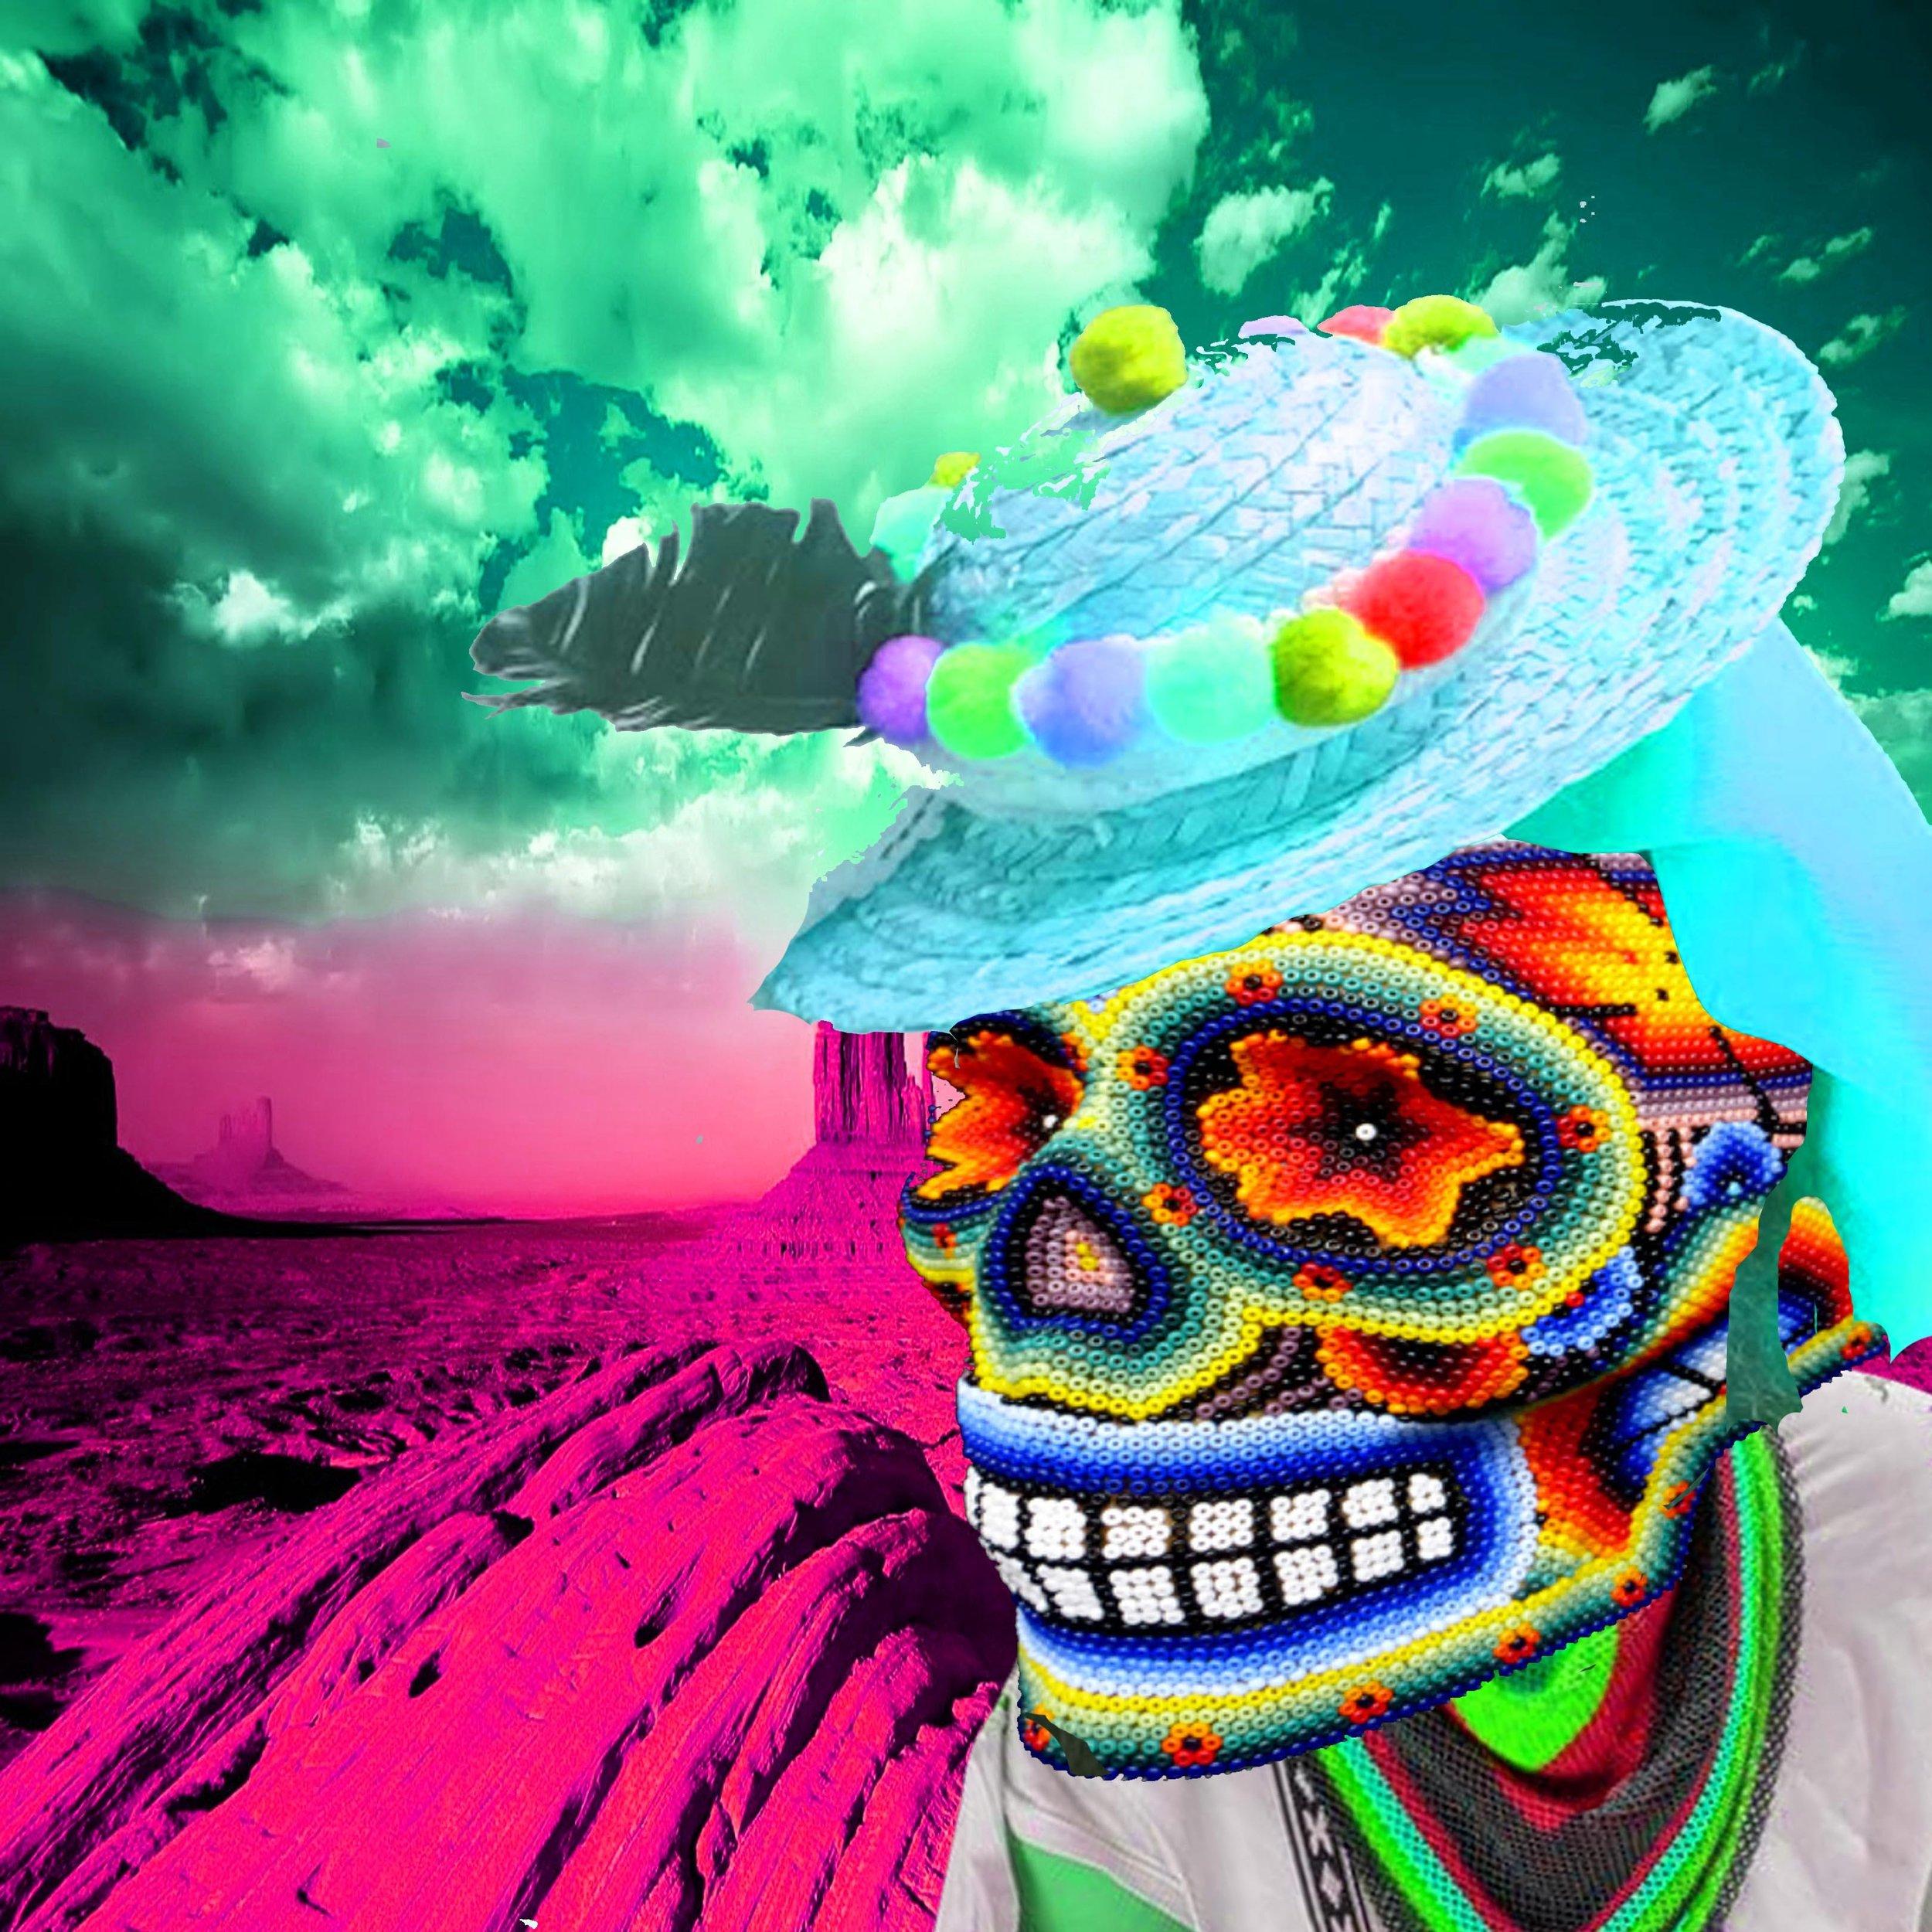 maskface.jpg